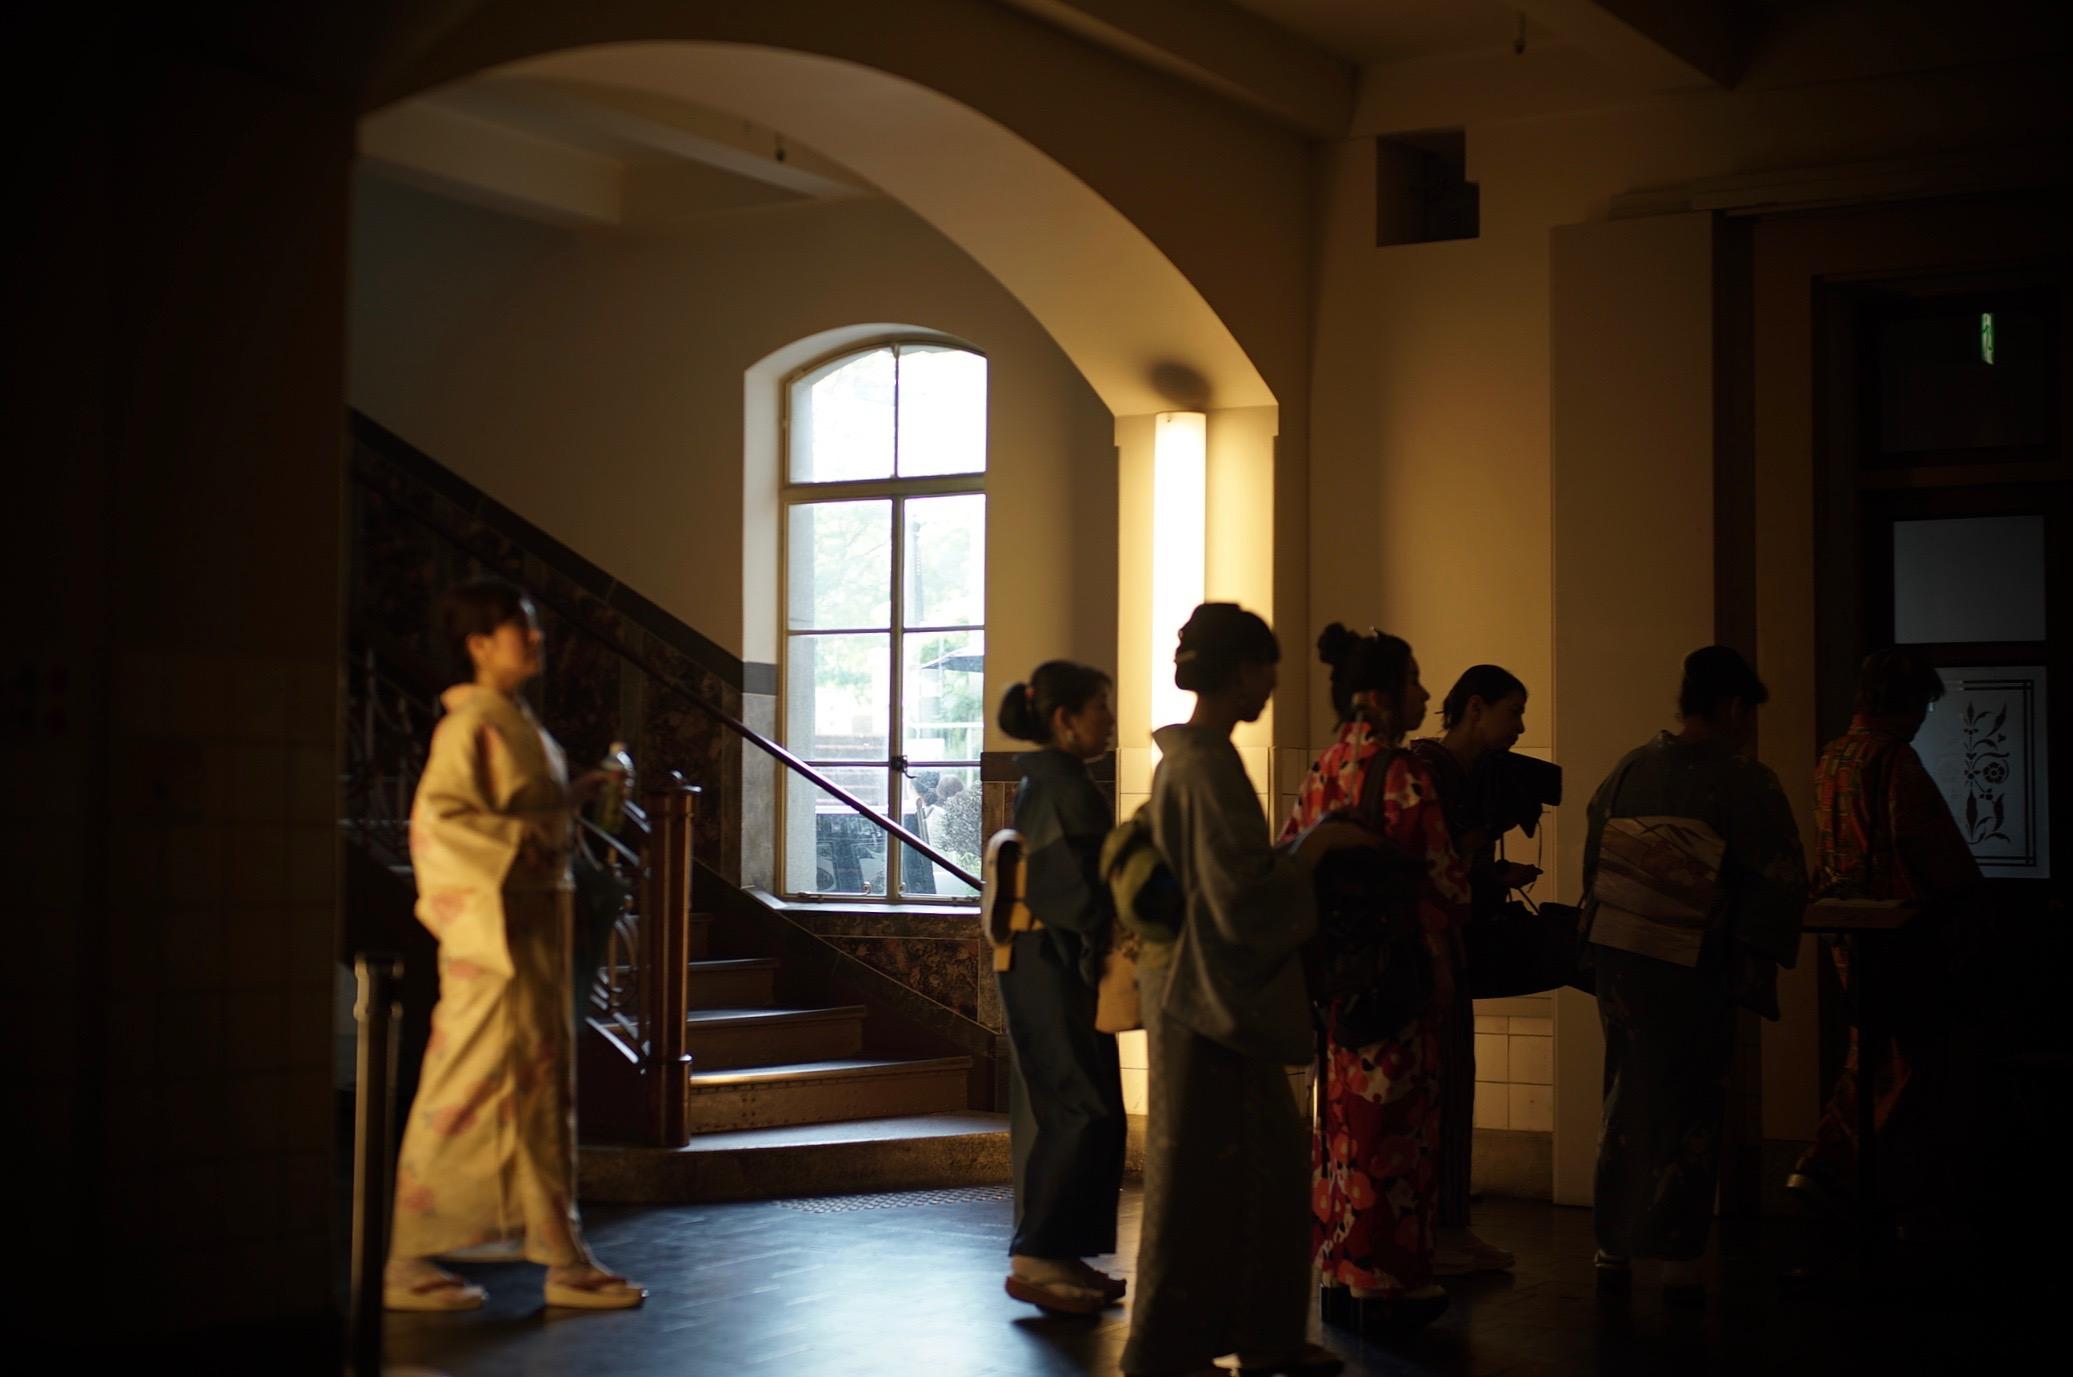 日本、しかも大阪でもう一本!?_f0057849_1963517.jpg